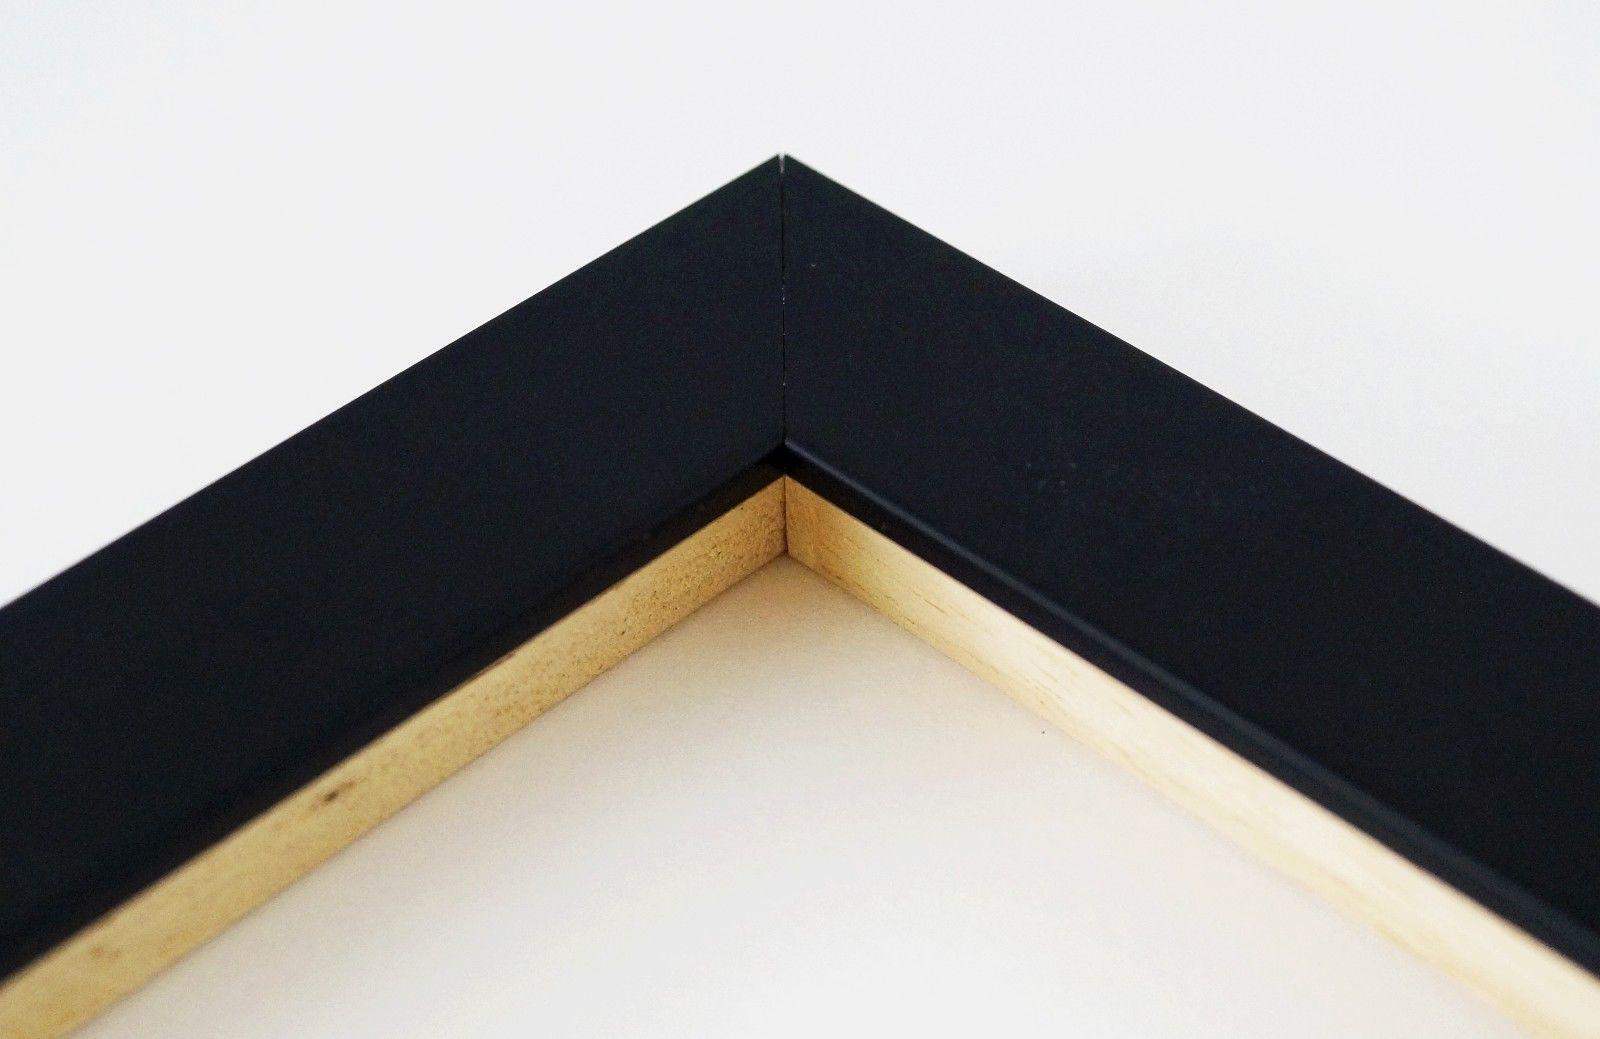 Tolle A0 Rahmen Schwarz Bilder - Bilderrahmen Ideen - szurop.info